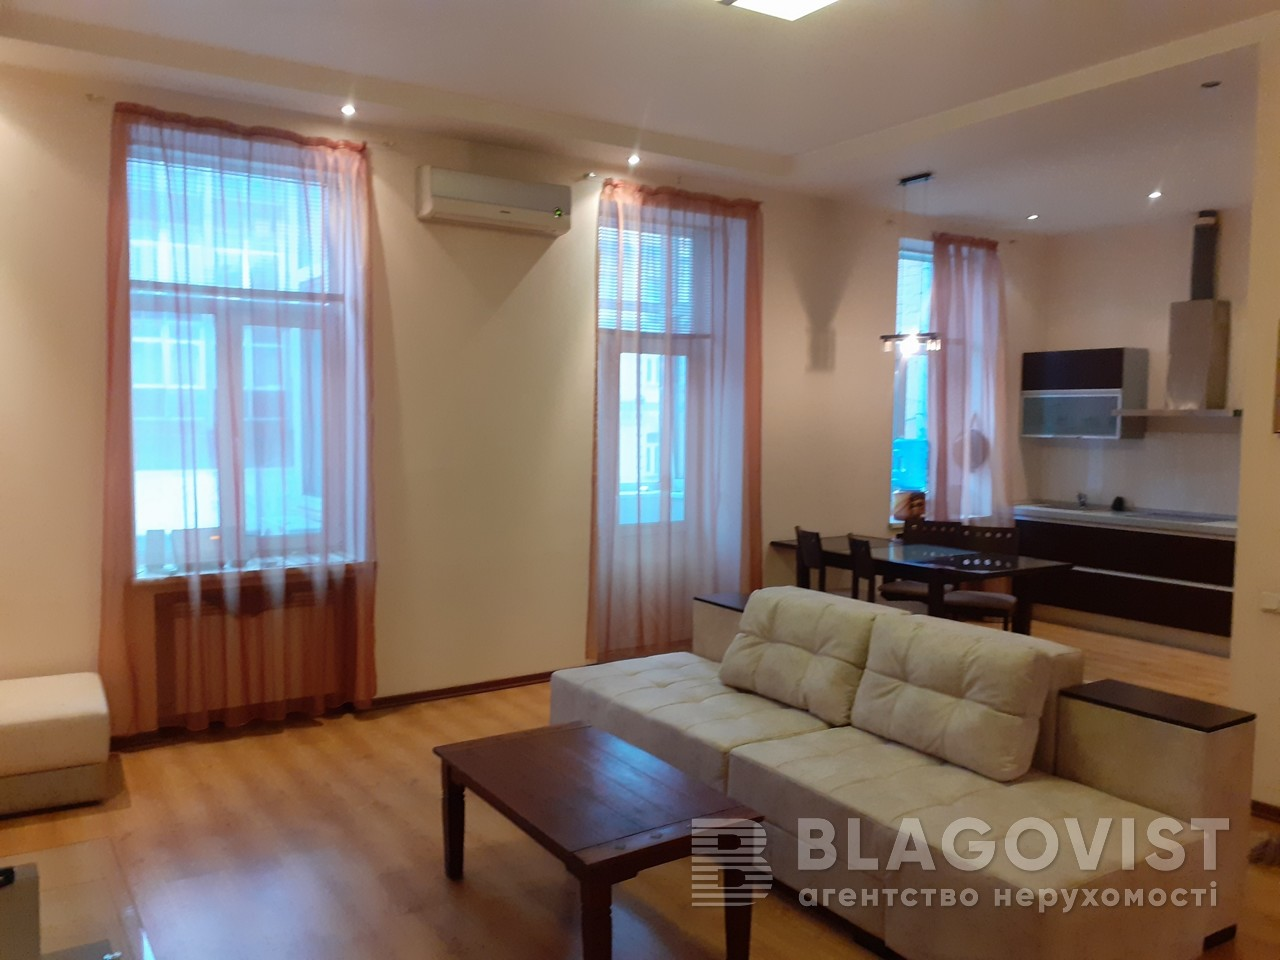 Квартира D-36181, Саксаганского, 5, Киев - Фото 3